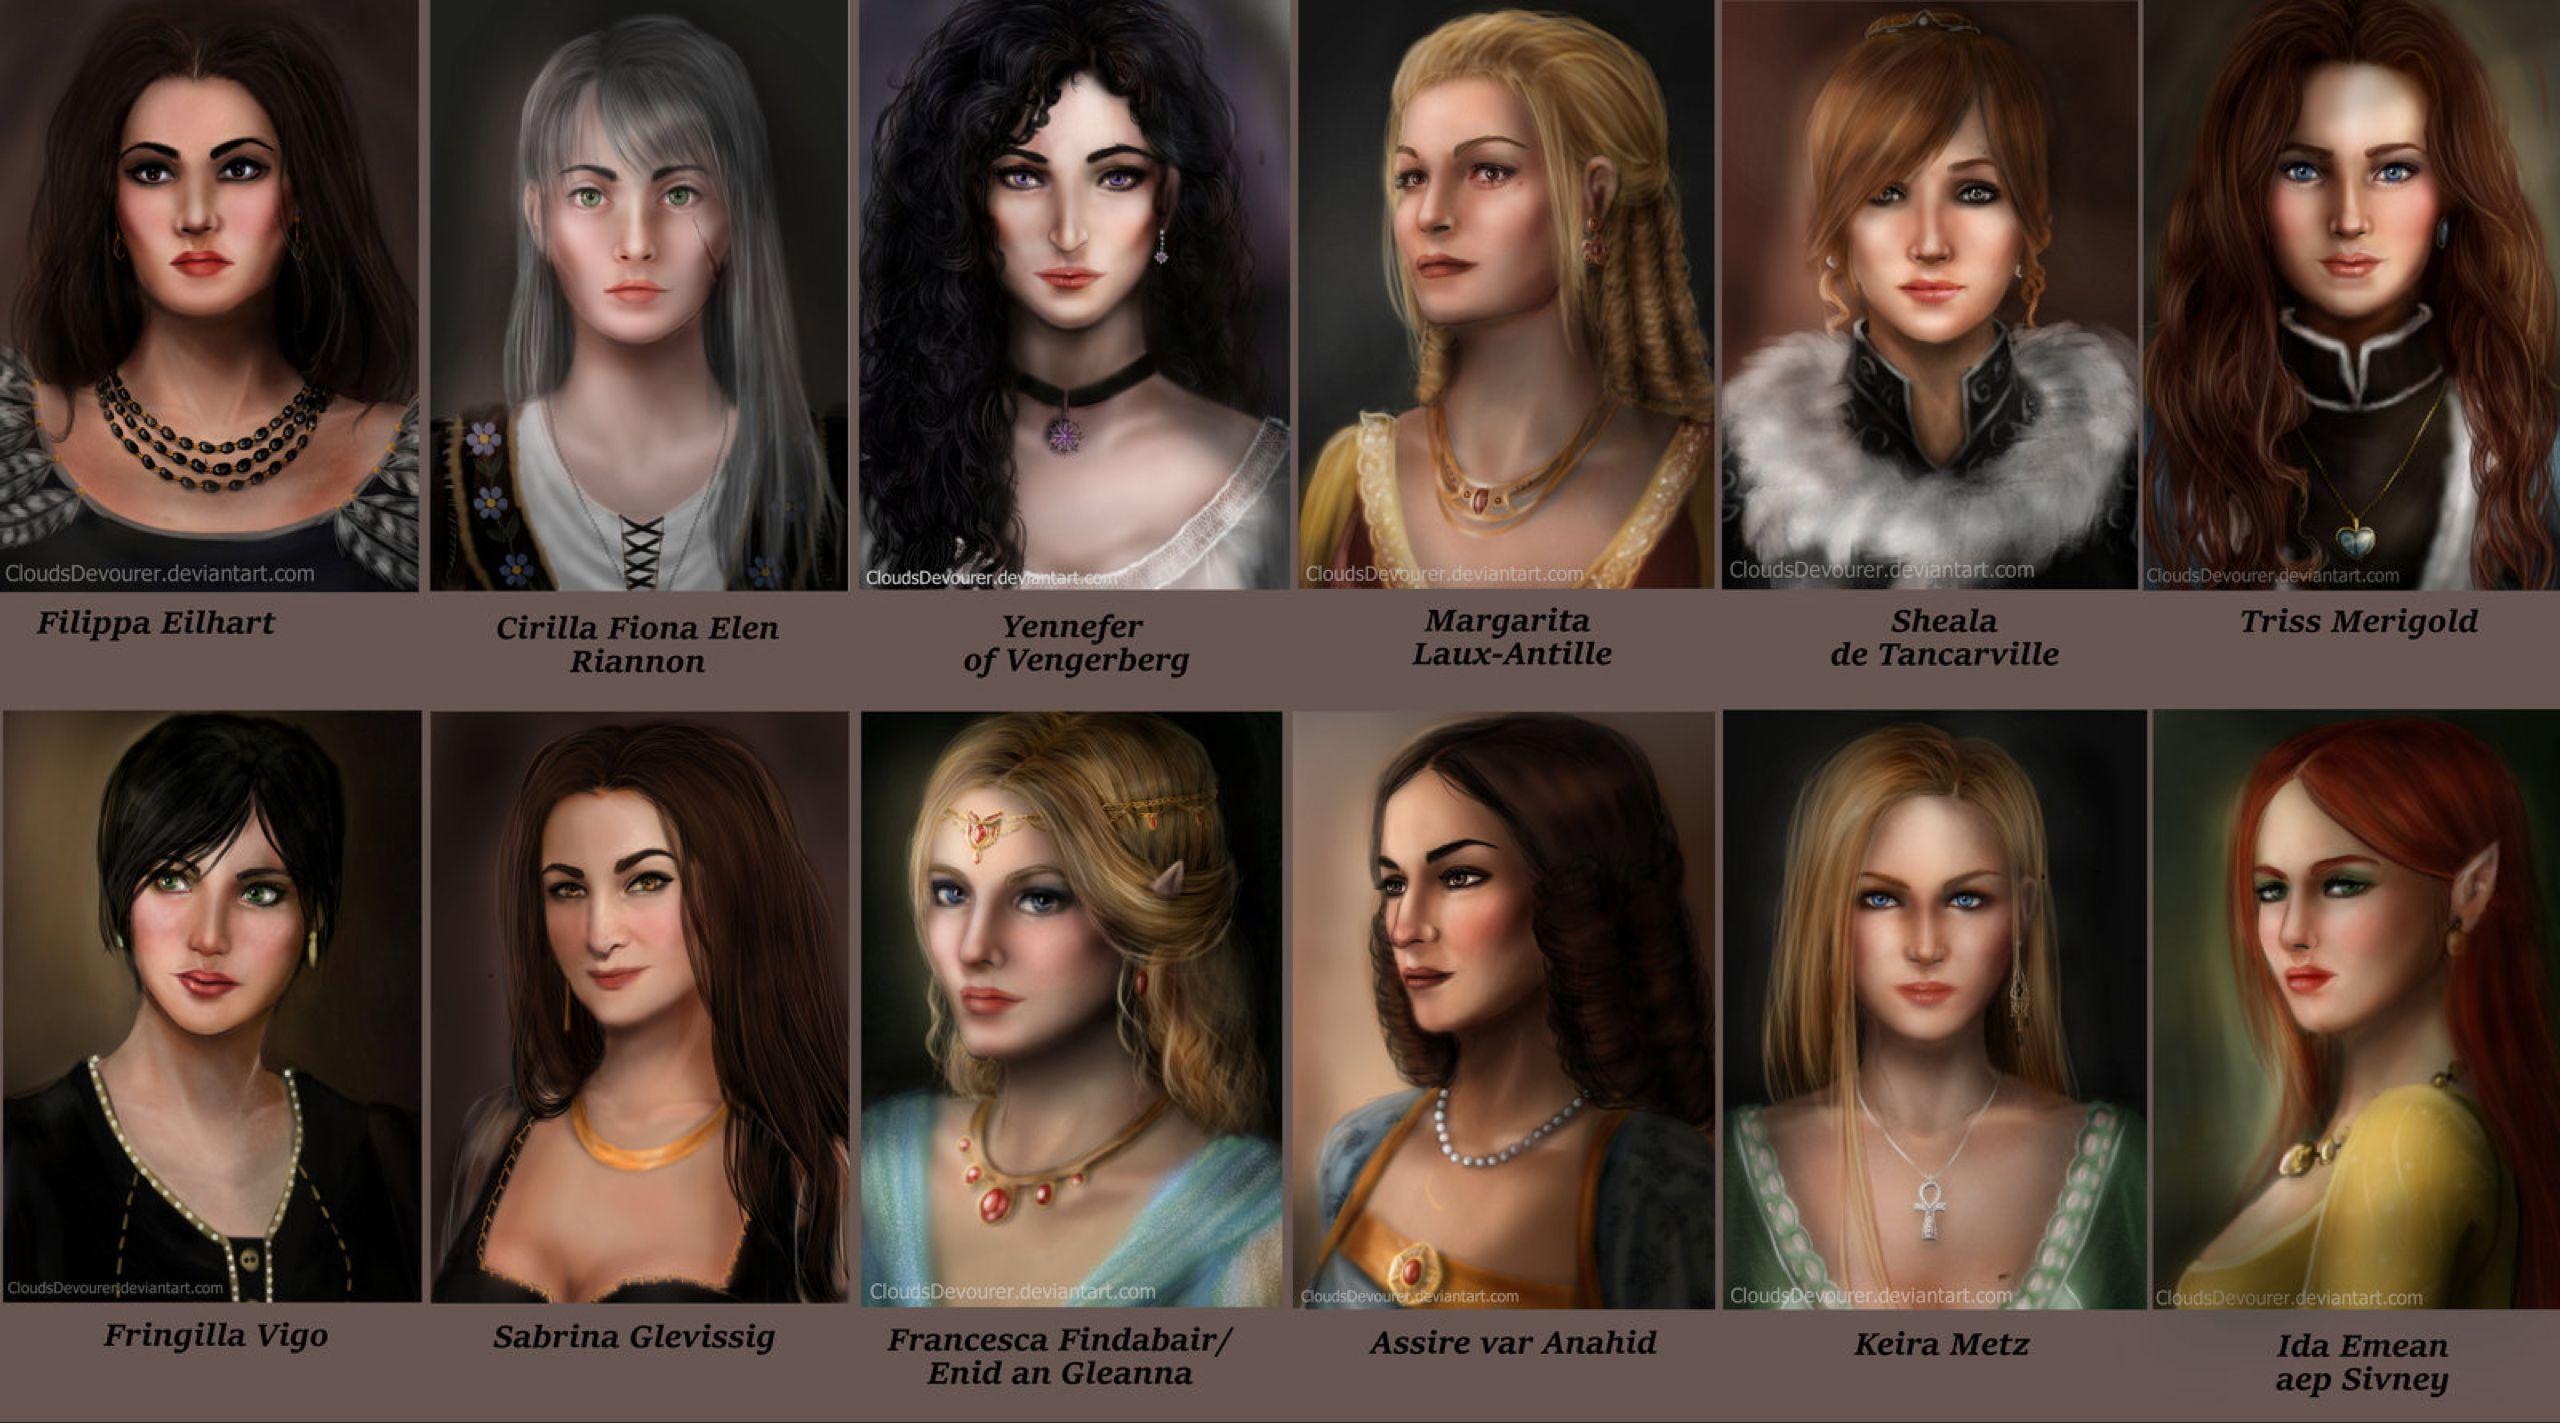 [Post Oficial] Geralt de Rivia/The Witcher, la serie de Netflix - 20 de diciembre - Página 2 B2d7834811f4abe2684840b8016c6903